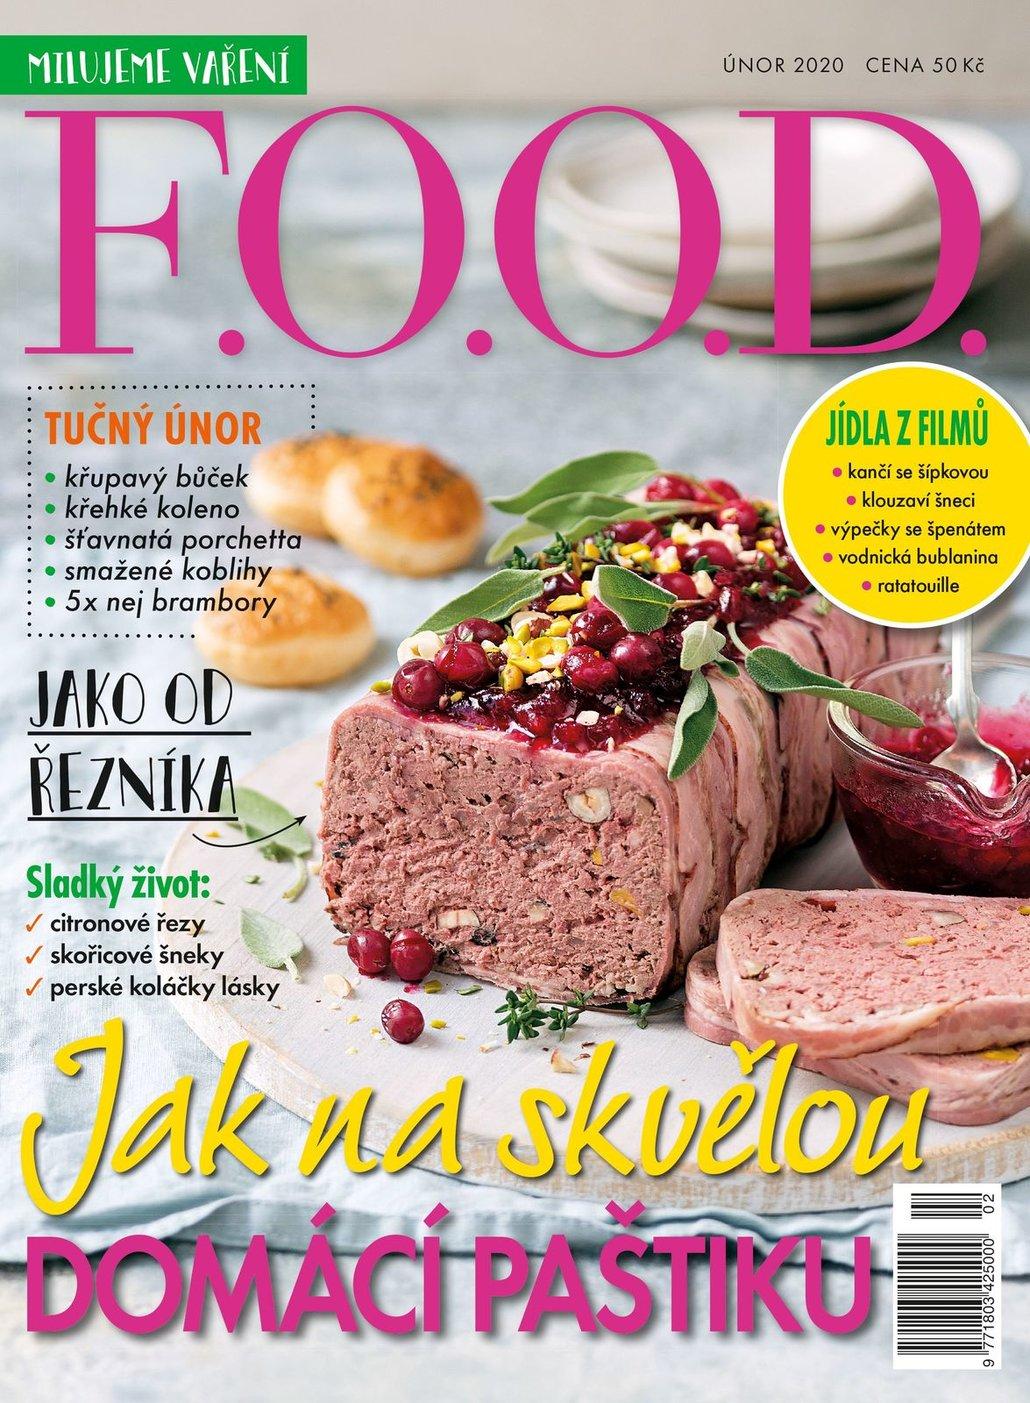 Už máte únorové číslo časopisu F.O.O.D.?